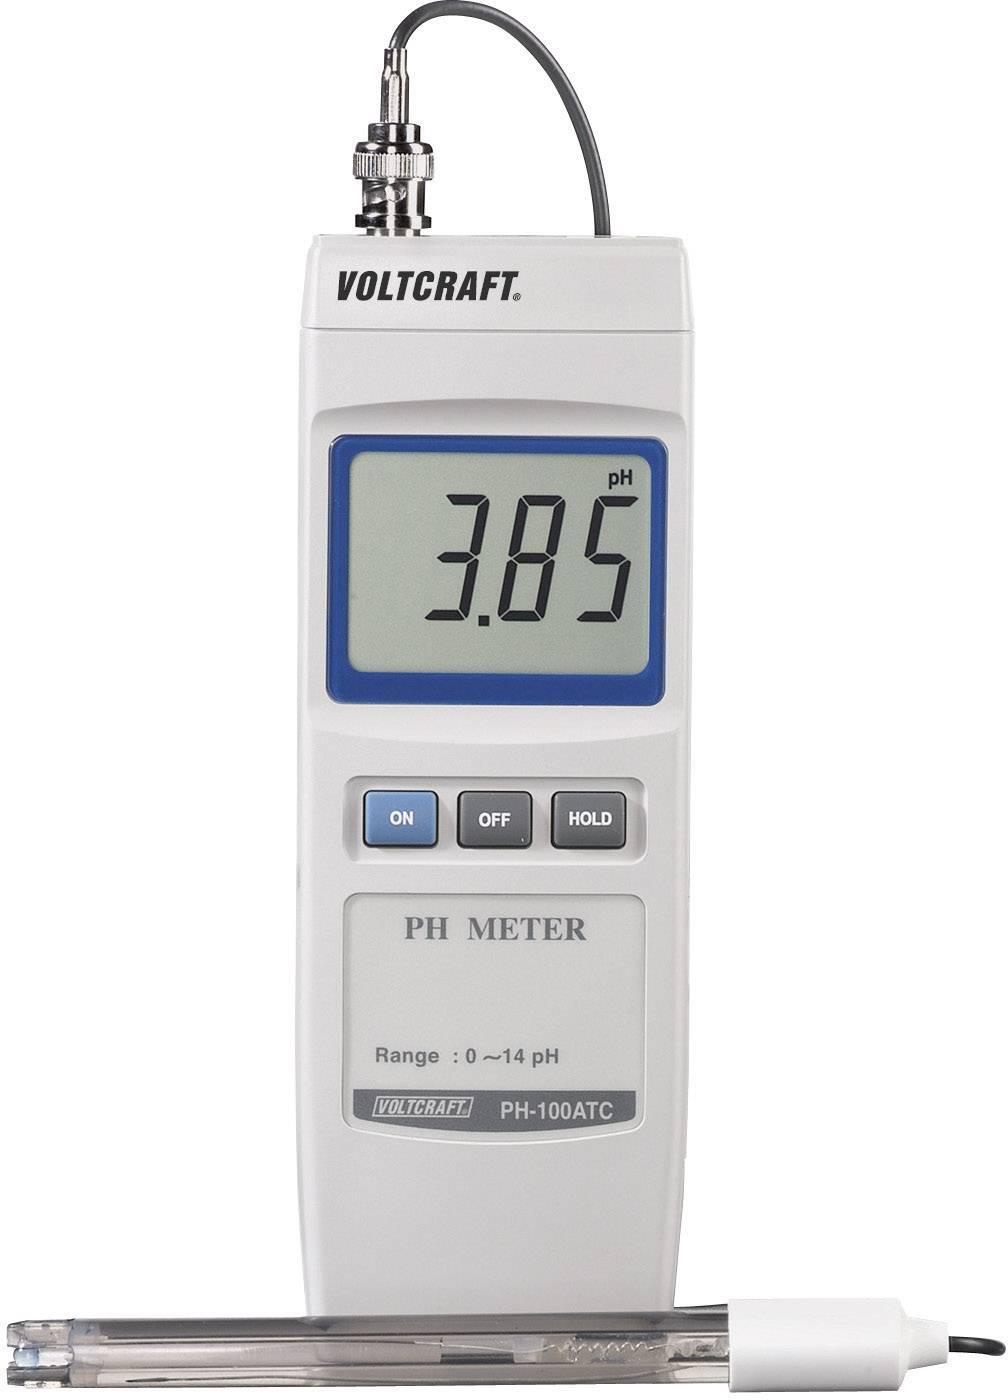 PH meter Voltcraft PH-100 ATC